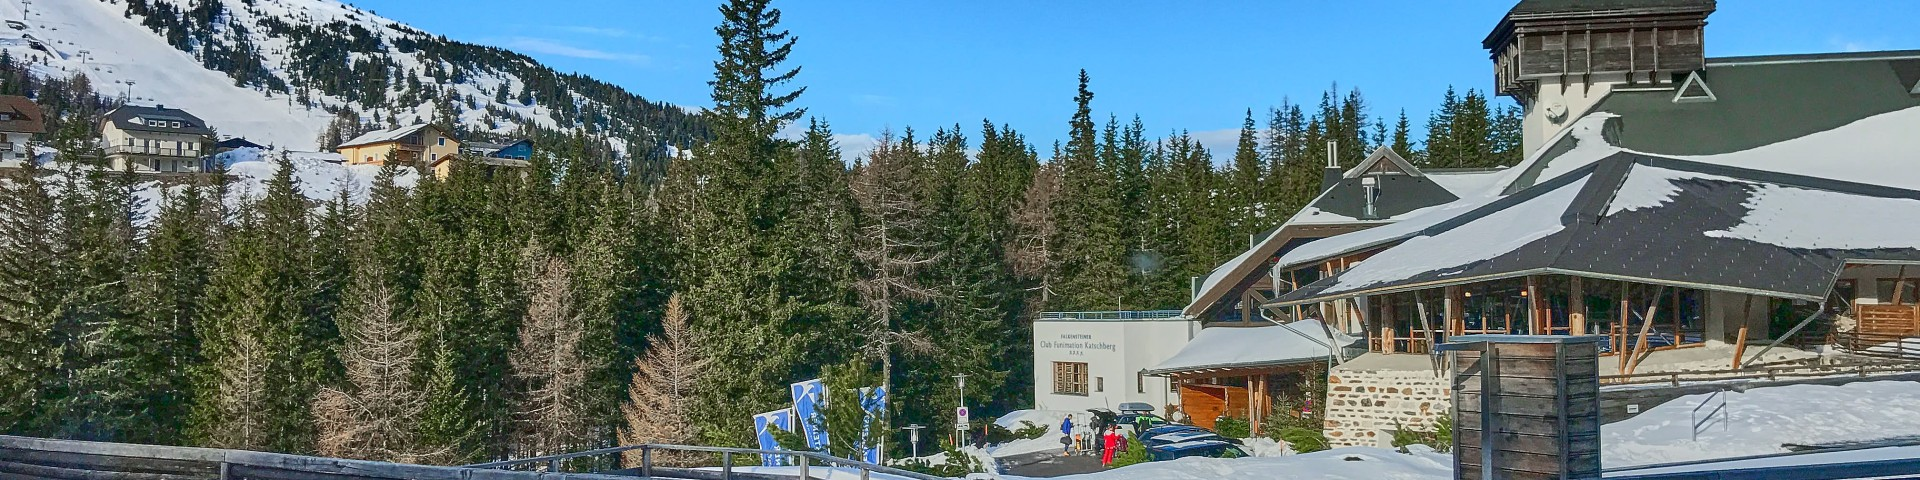 Hotel Falkensteiner Club Funimation Katschberg, Austria; family-friendly hotel